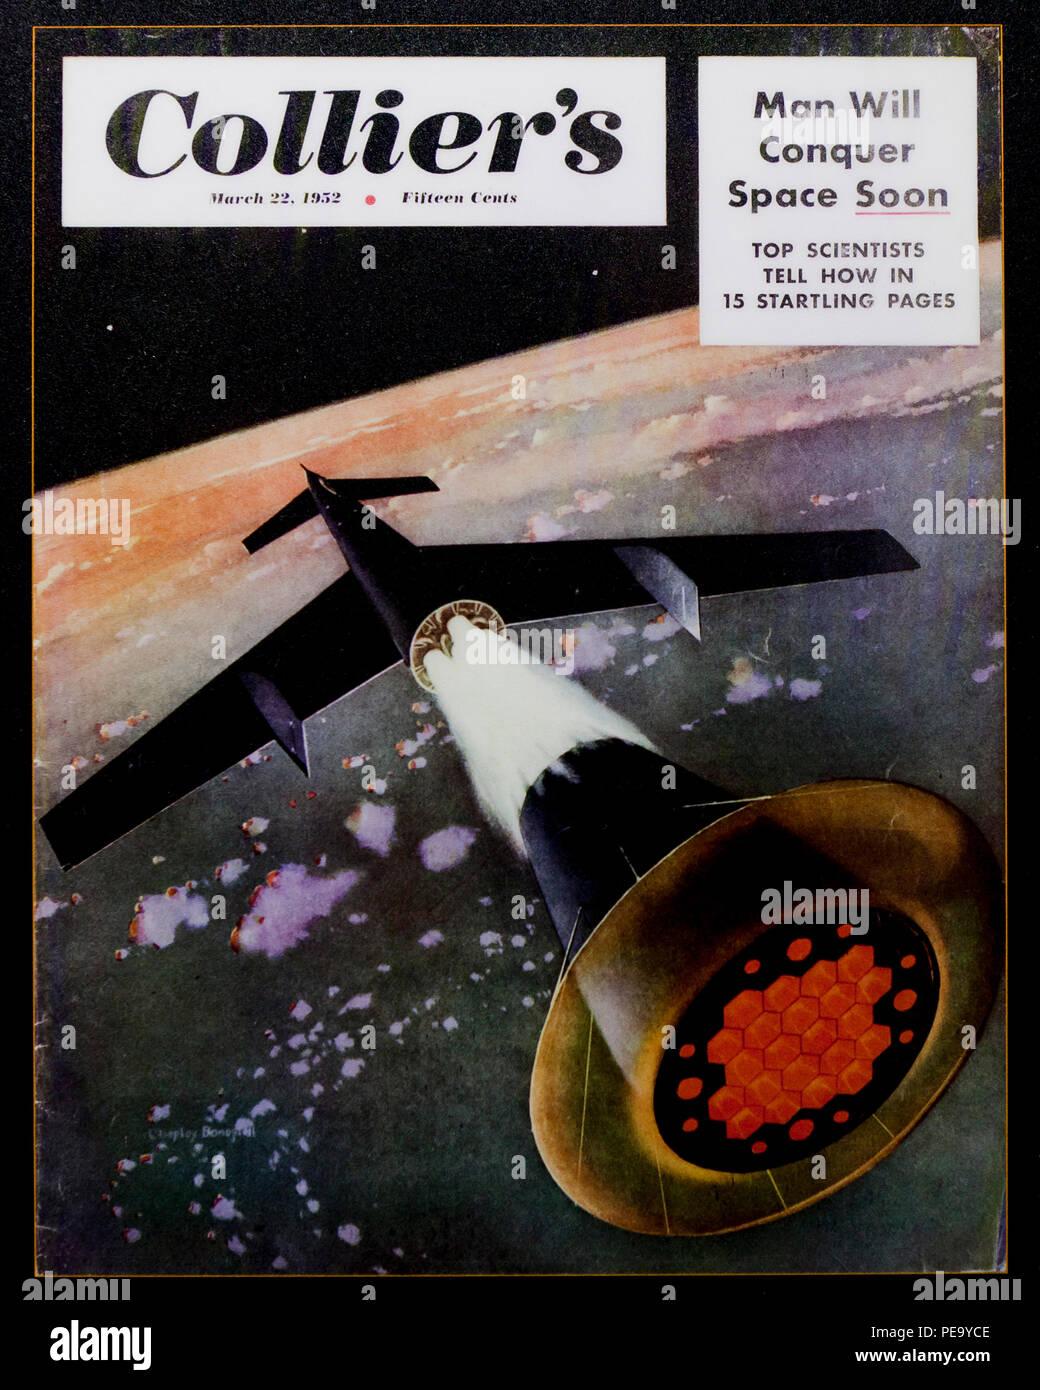 Collier's Magazine Cover anzeigen Konzept spaceplane (Raumschiff) und Raumfahrt, ca. März 1952 - USA Stockbild